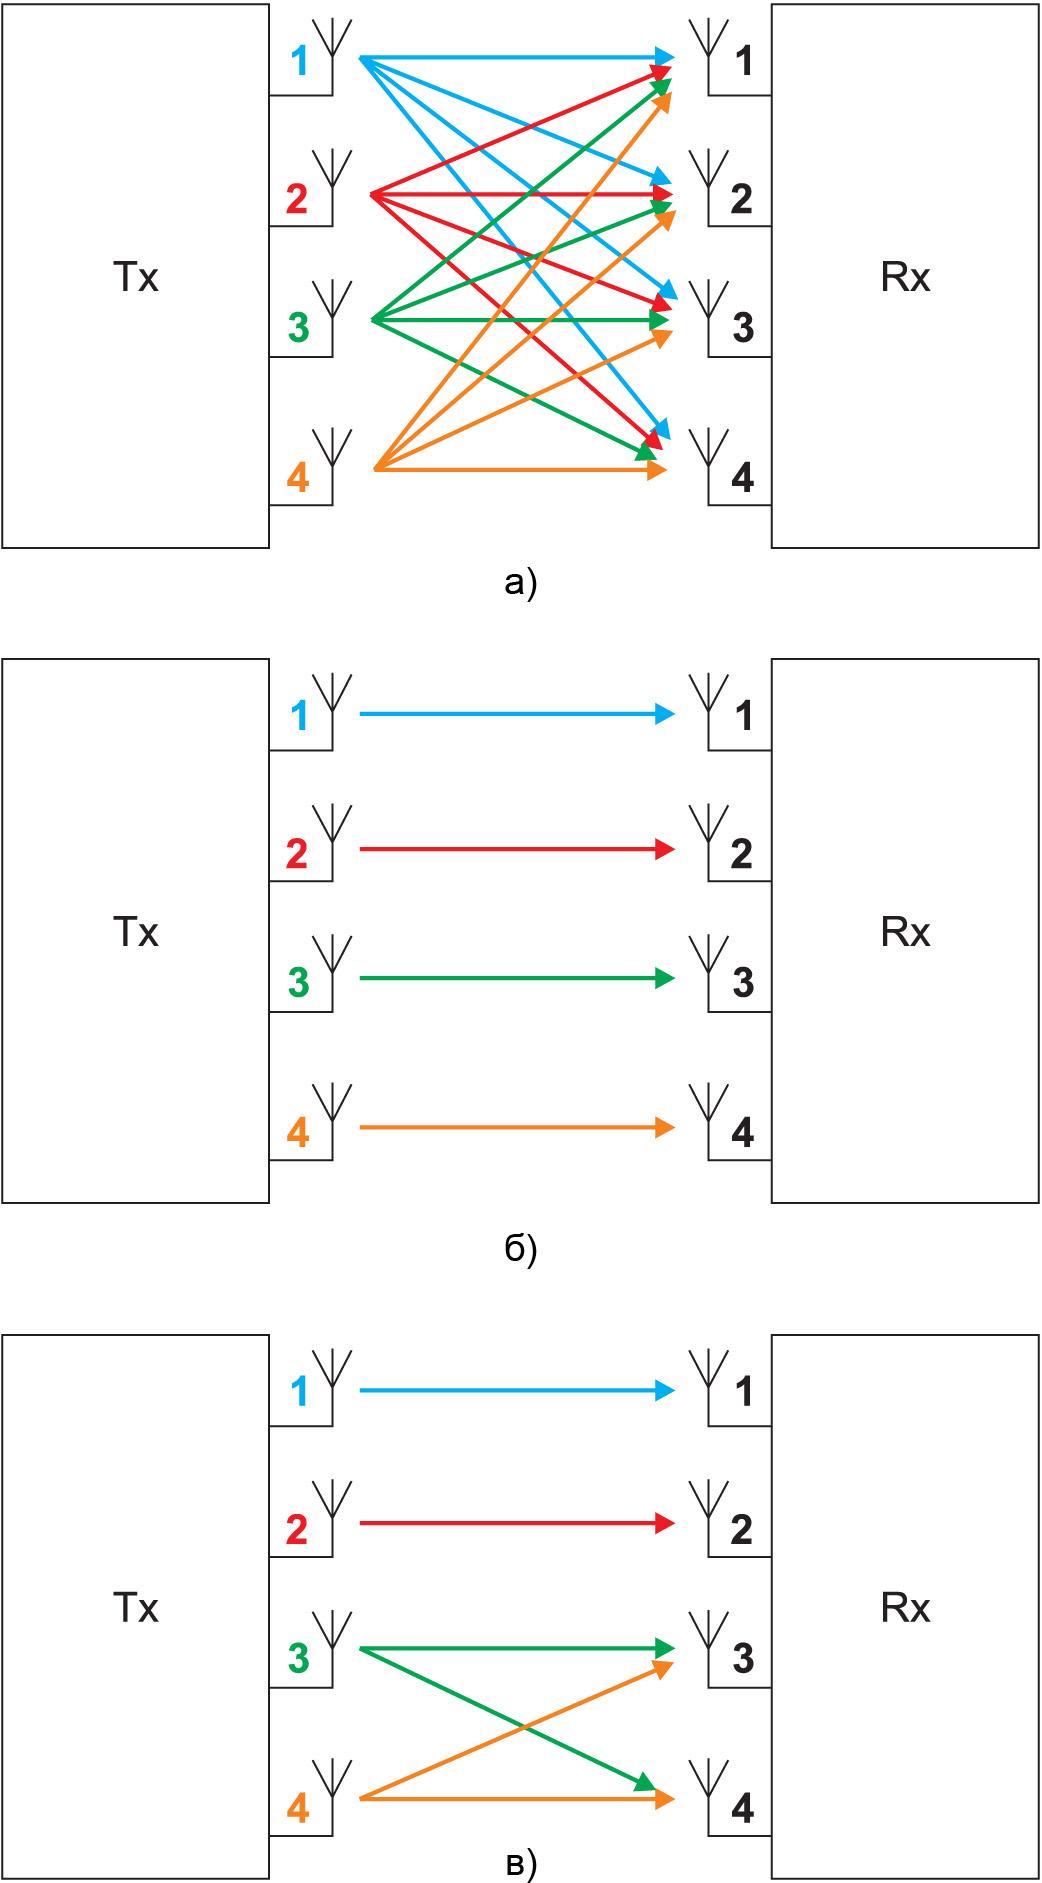 Принцип передачи данных в системах с множественными антеннами (MIMO)